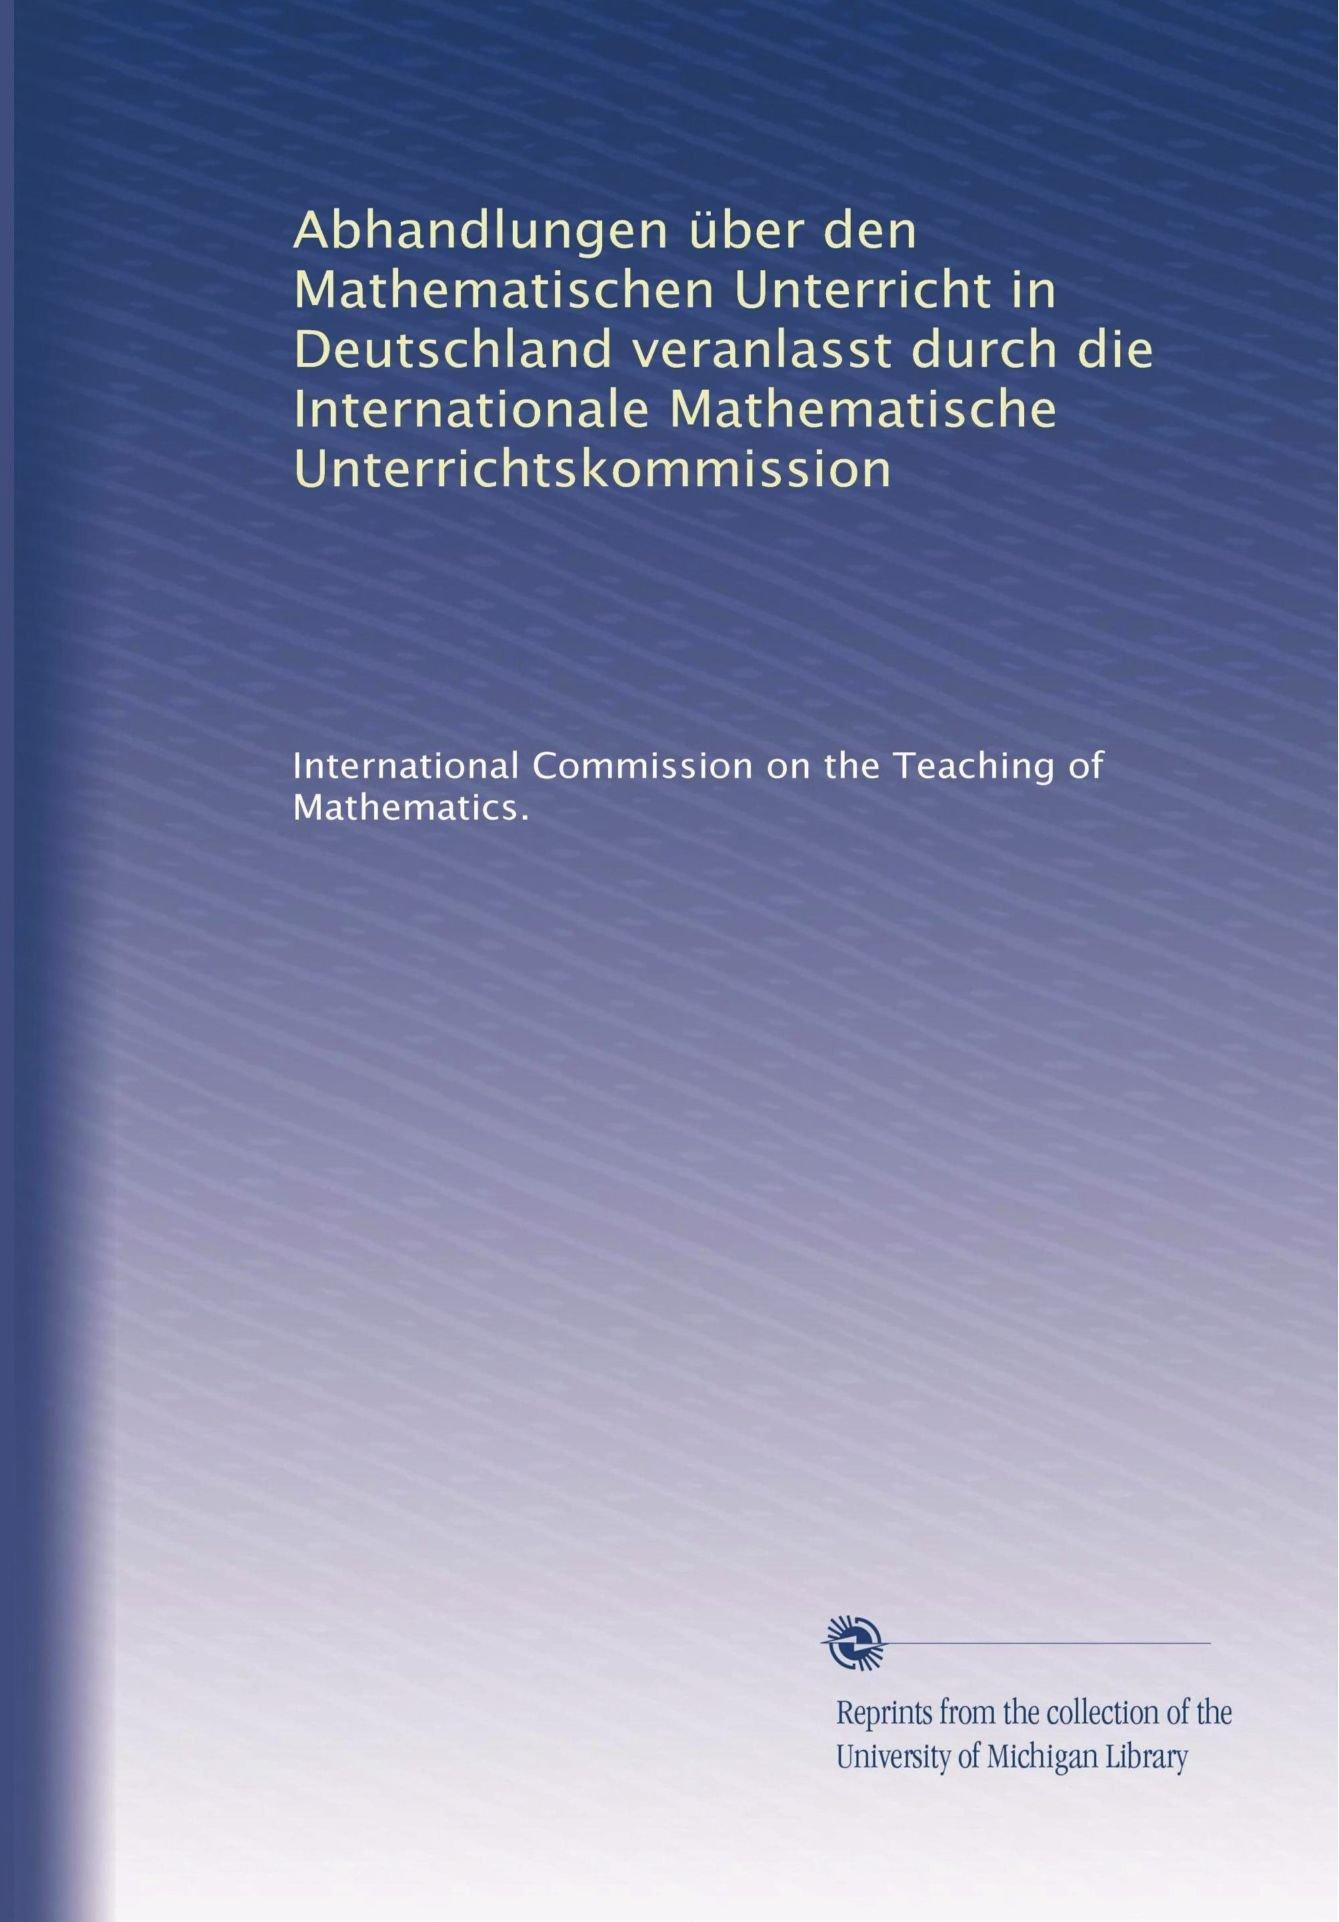 Download Abhandlungen über den Mathematischen Unterricht in Deutschland veranlasst durch die Internationale Mathematische Unterrichtskommission (Volume 2) (German Edition) ebook